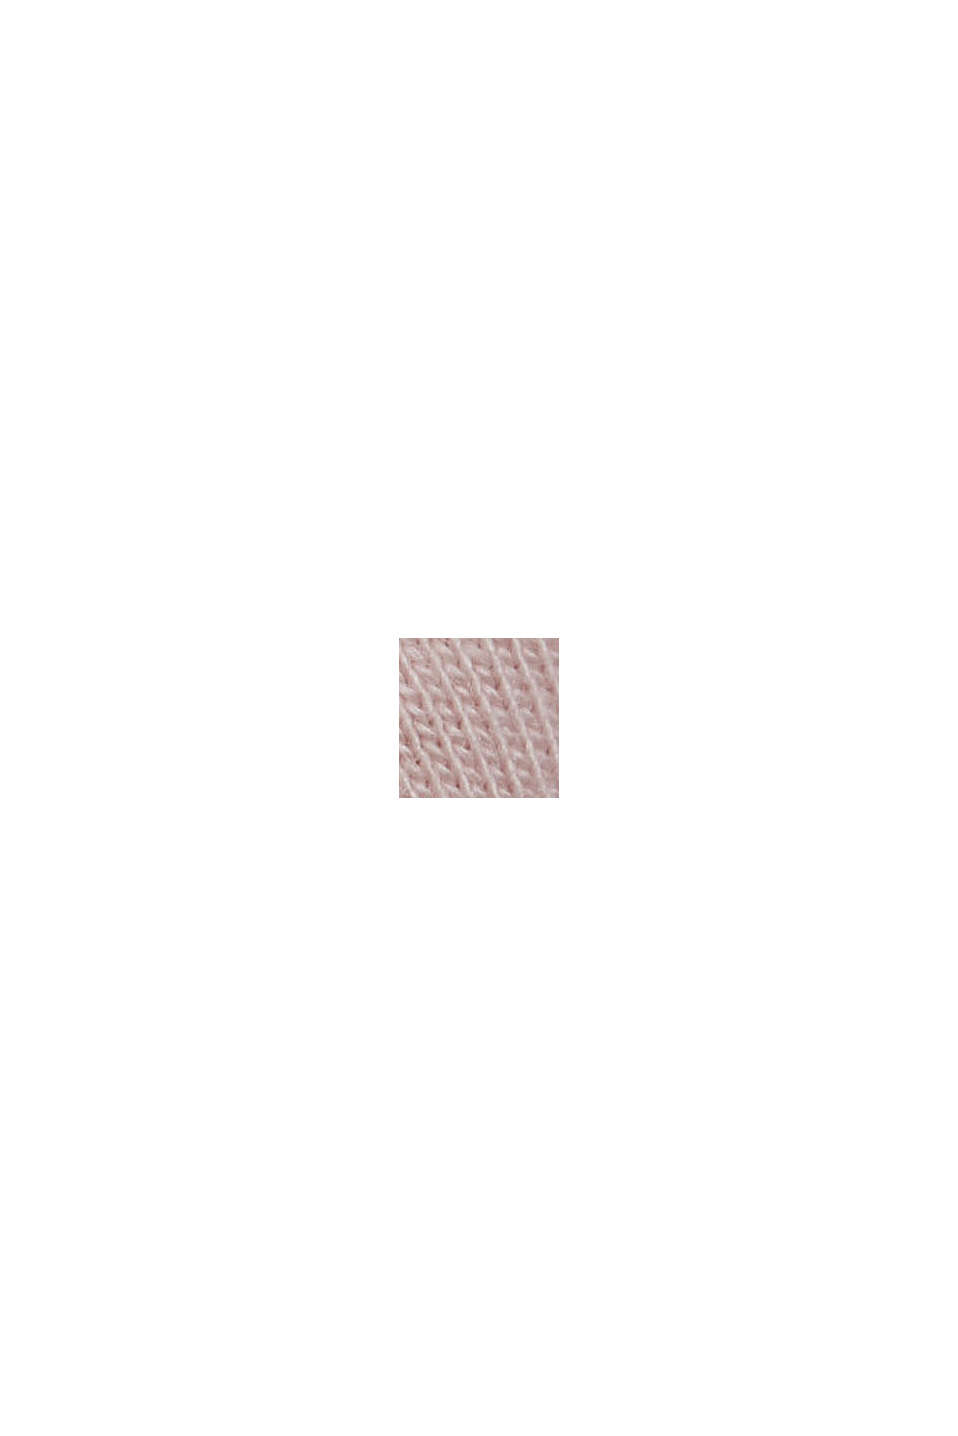 Maglia con dettagli a giorno, cotone biologico/TENCEL™, NUDE, swatch